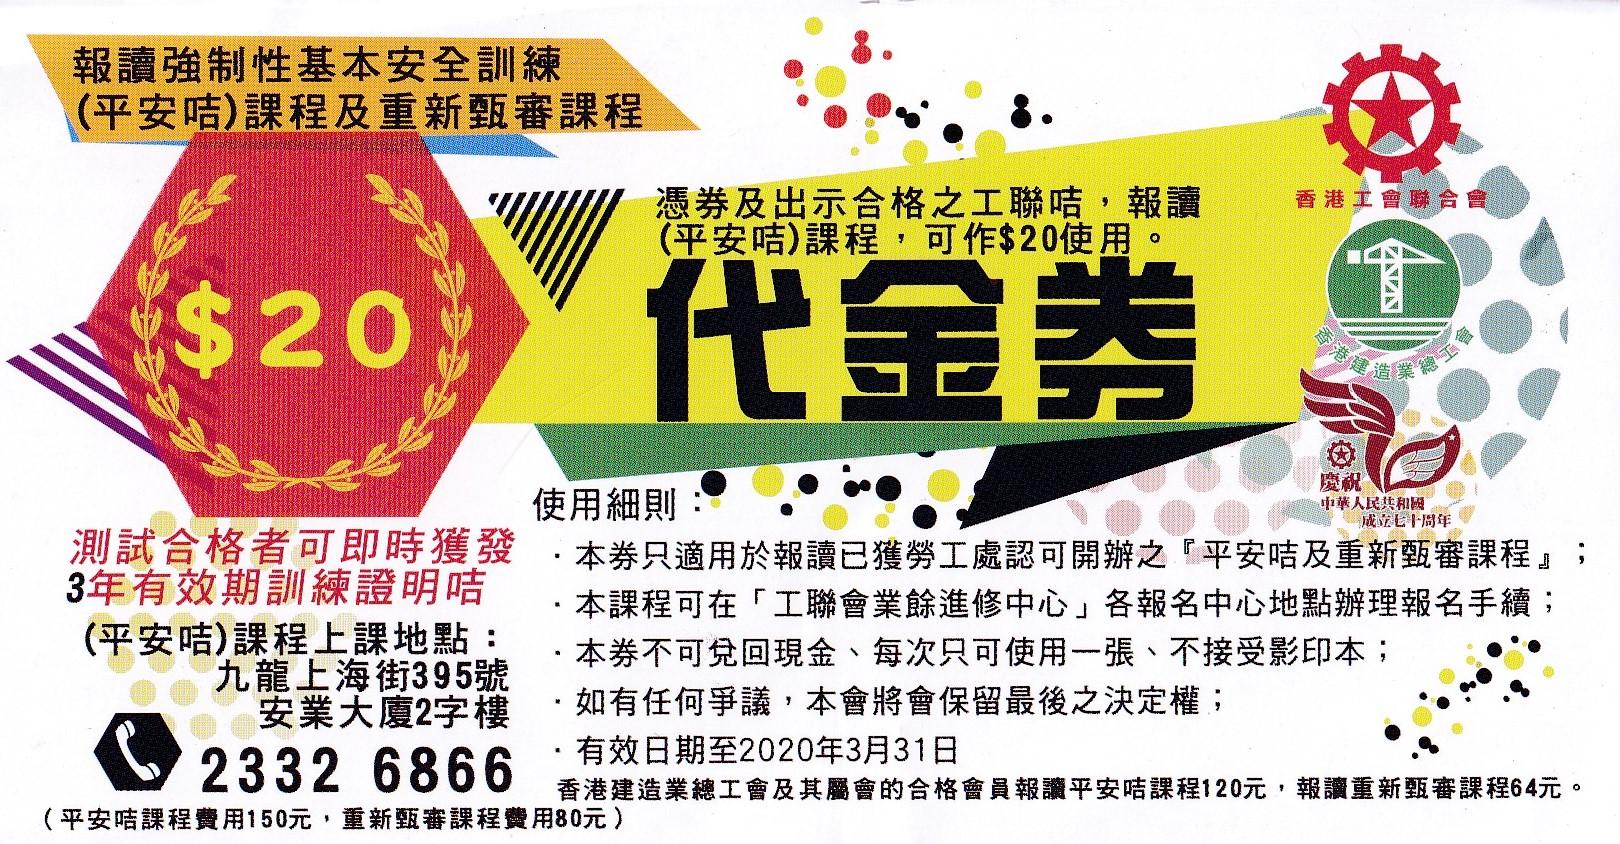 會員優惠 – 港九油漆業總工會